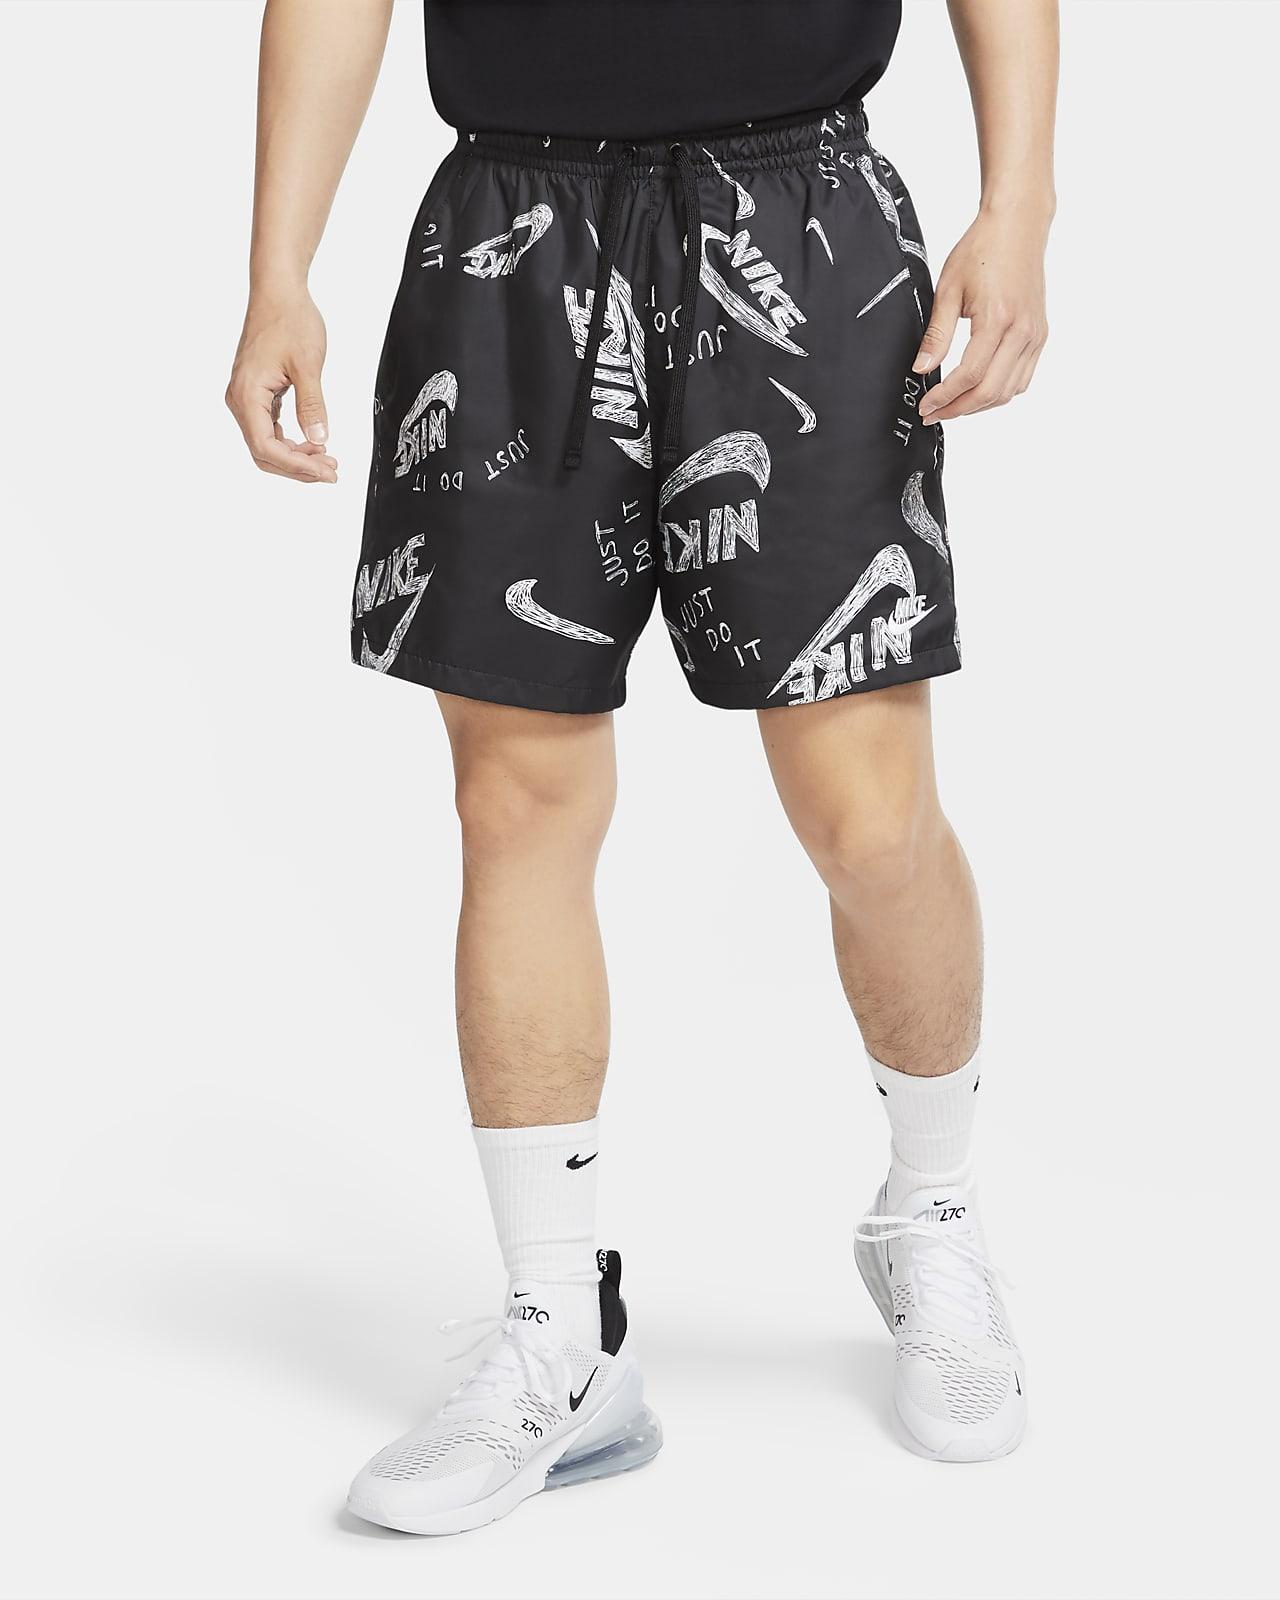 Shorts med tryck Nike Sportswear för män